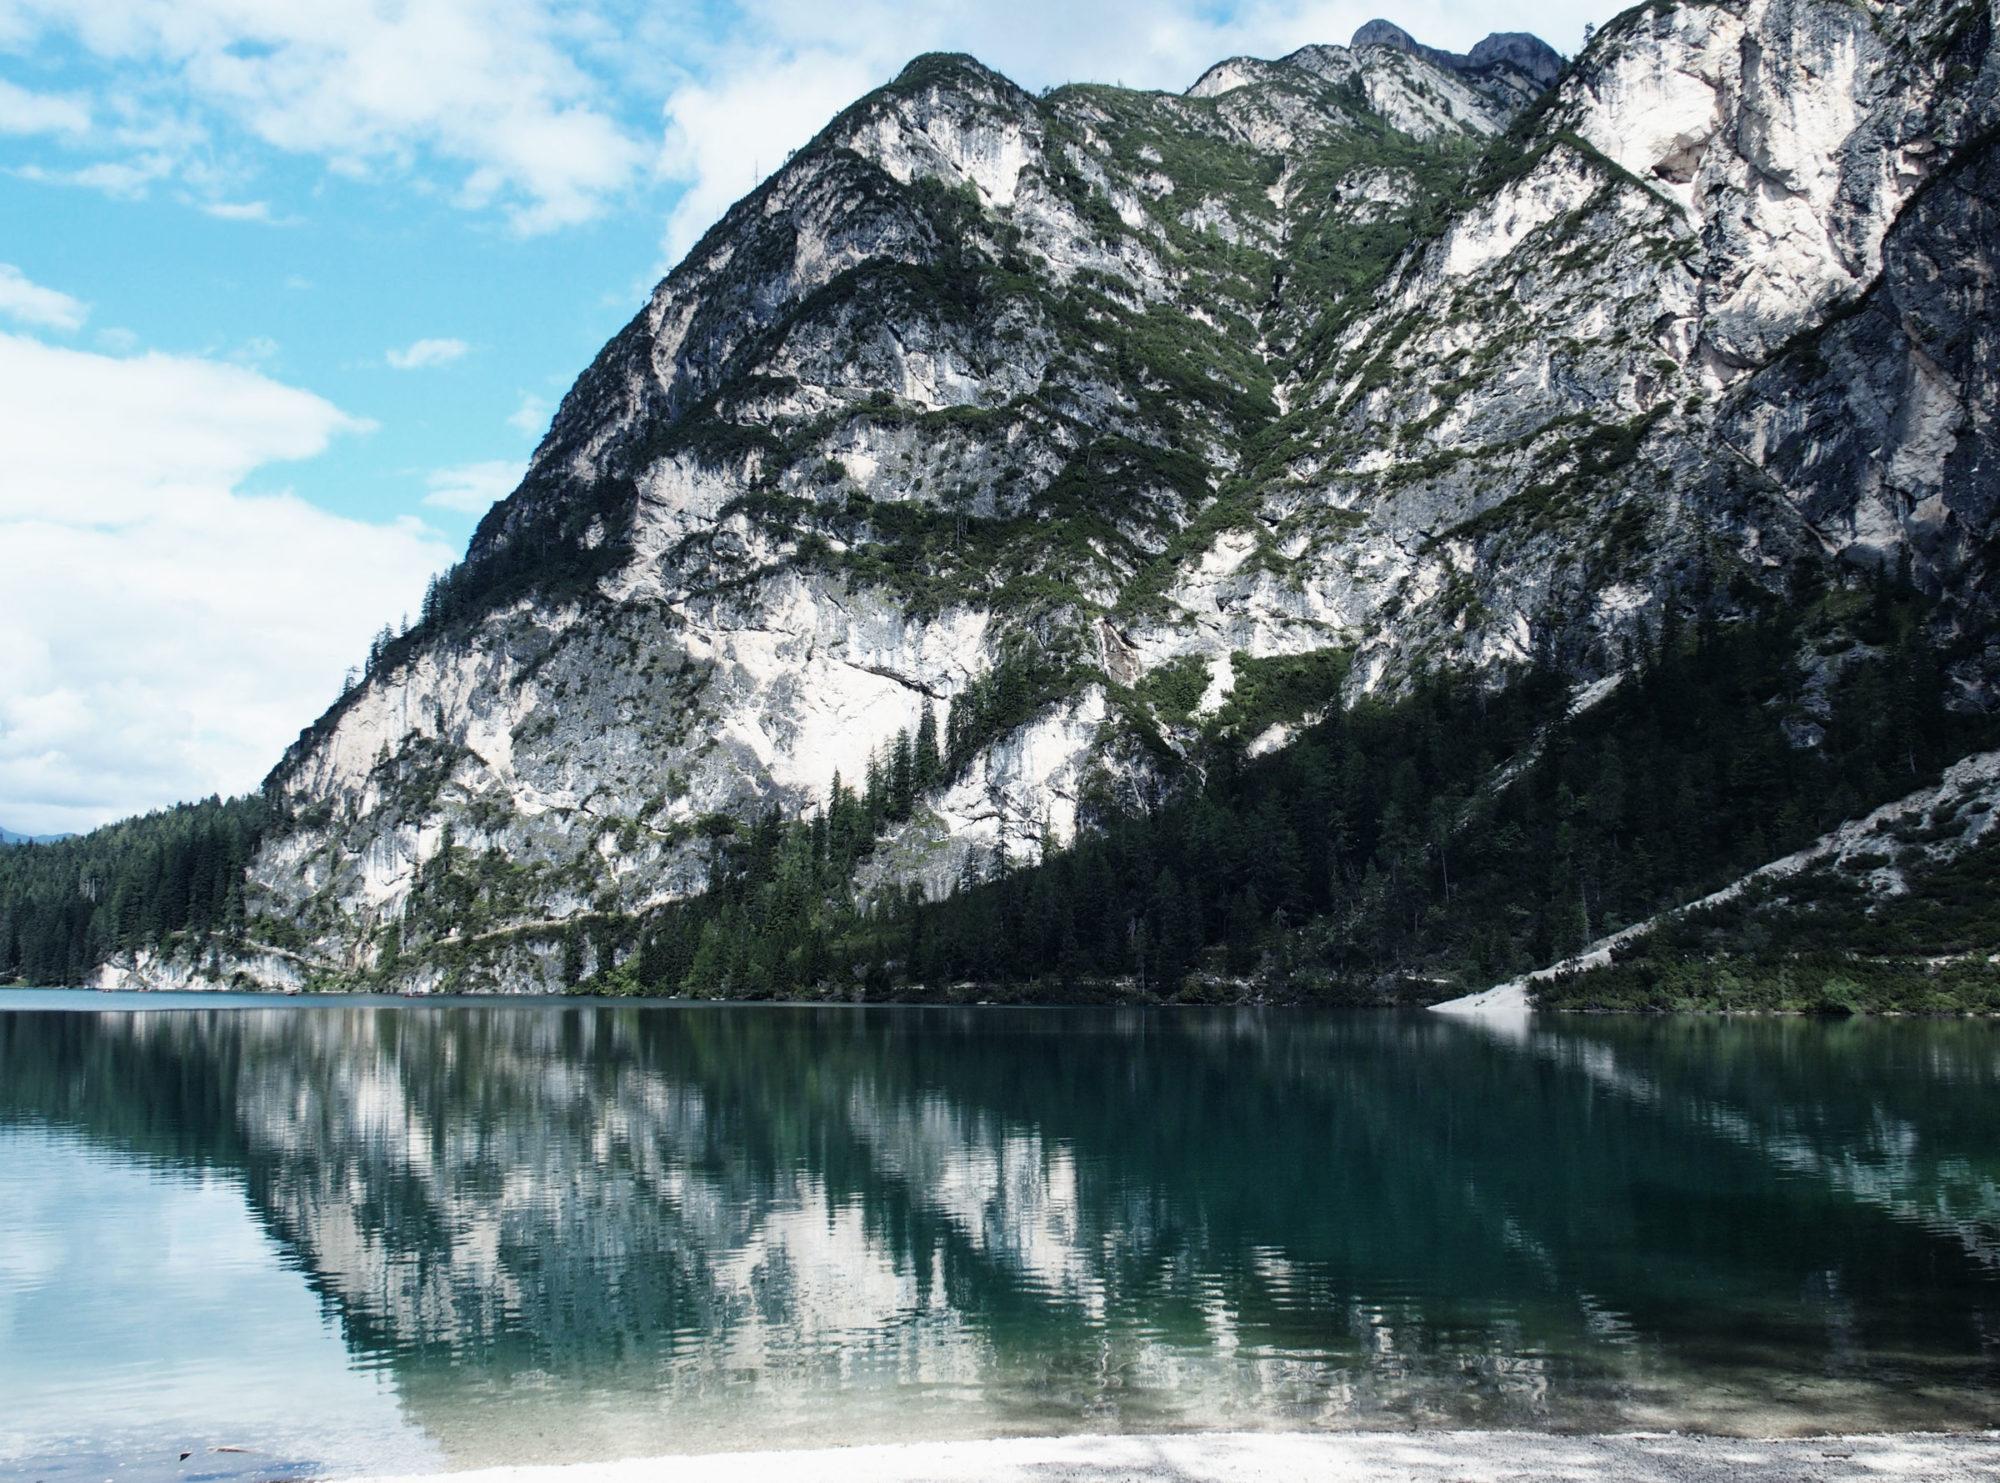 Ein Traum wie sich die Berge spiegeln!